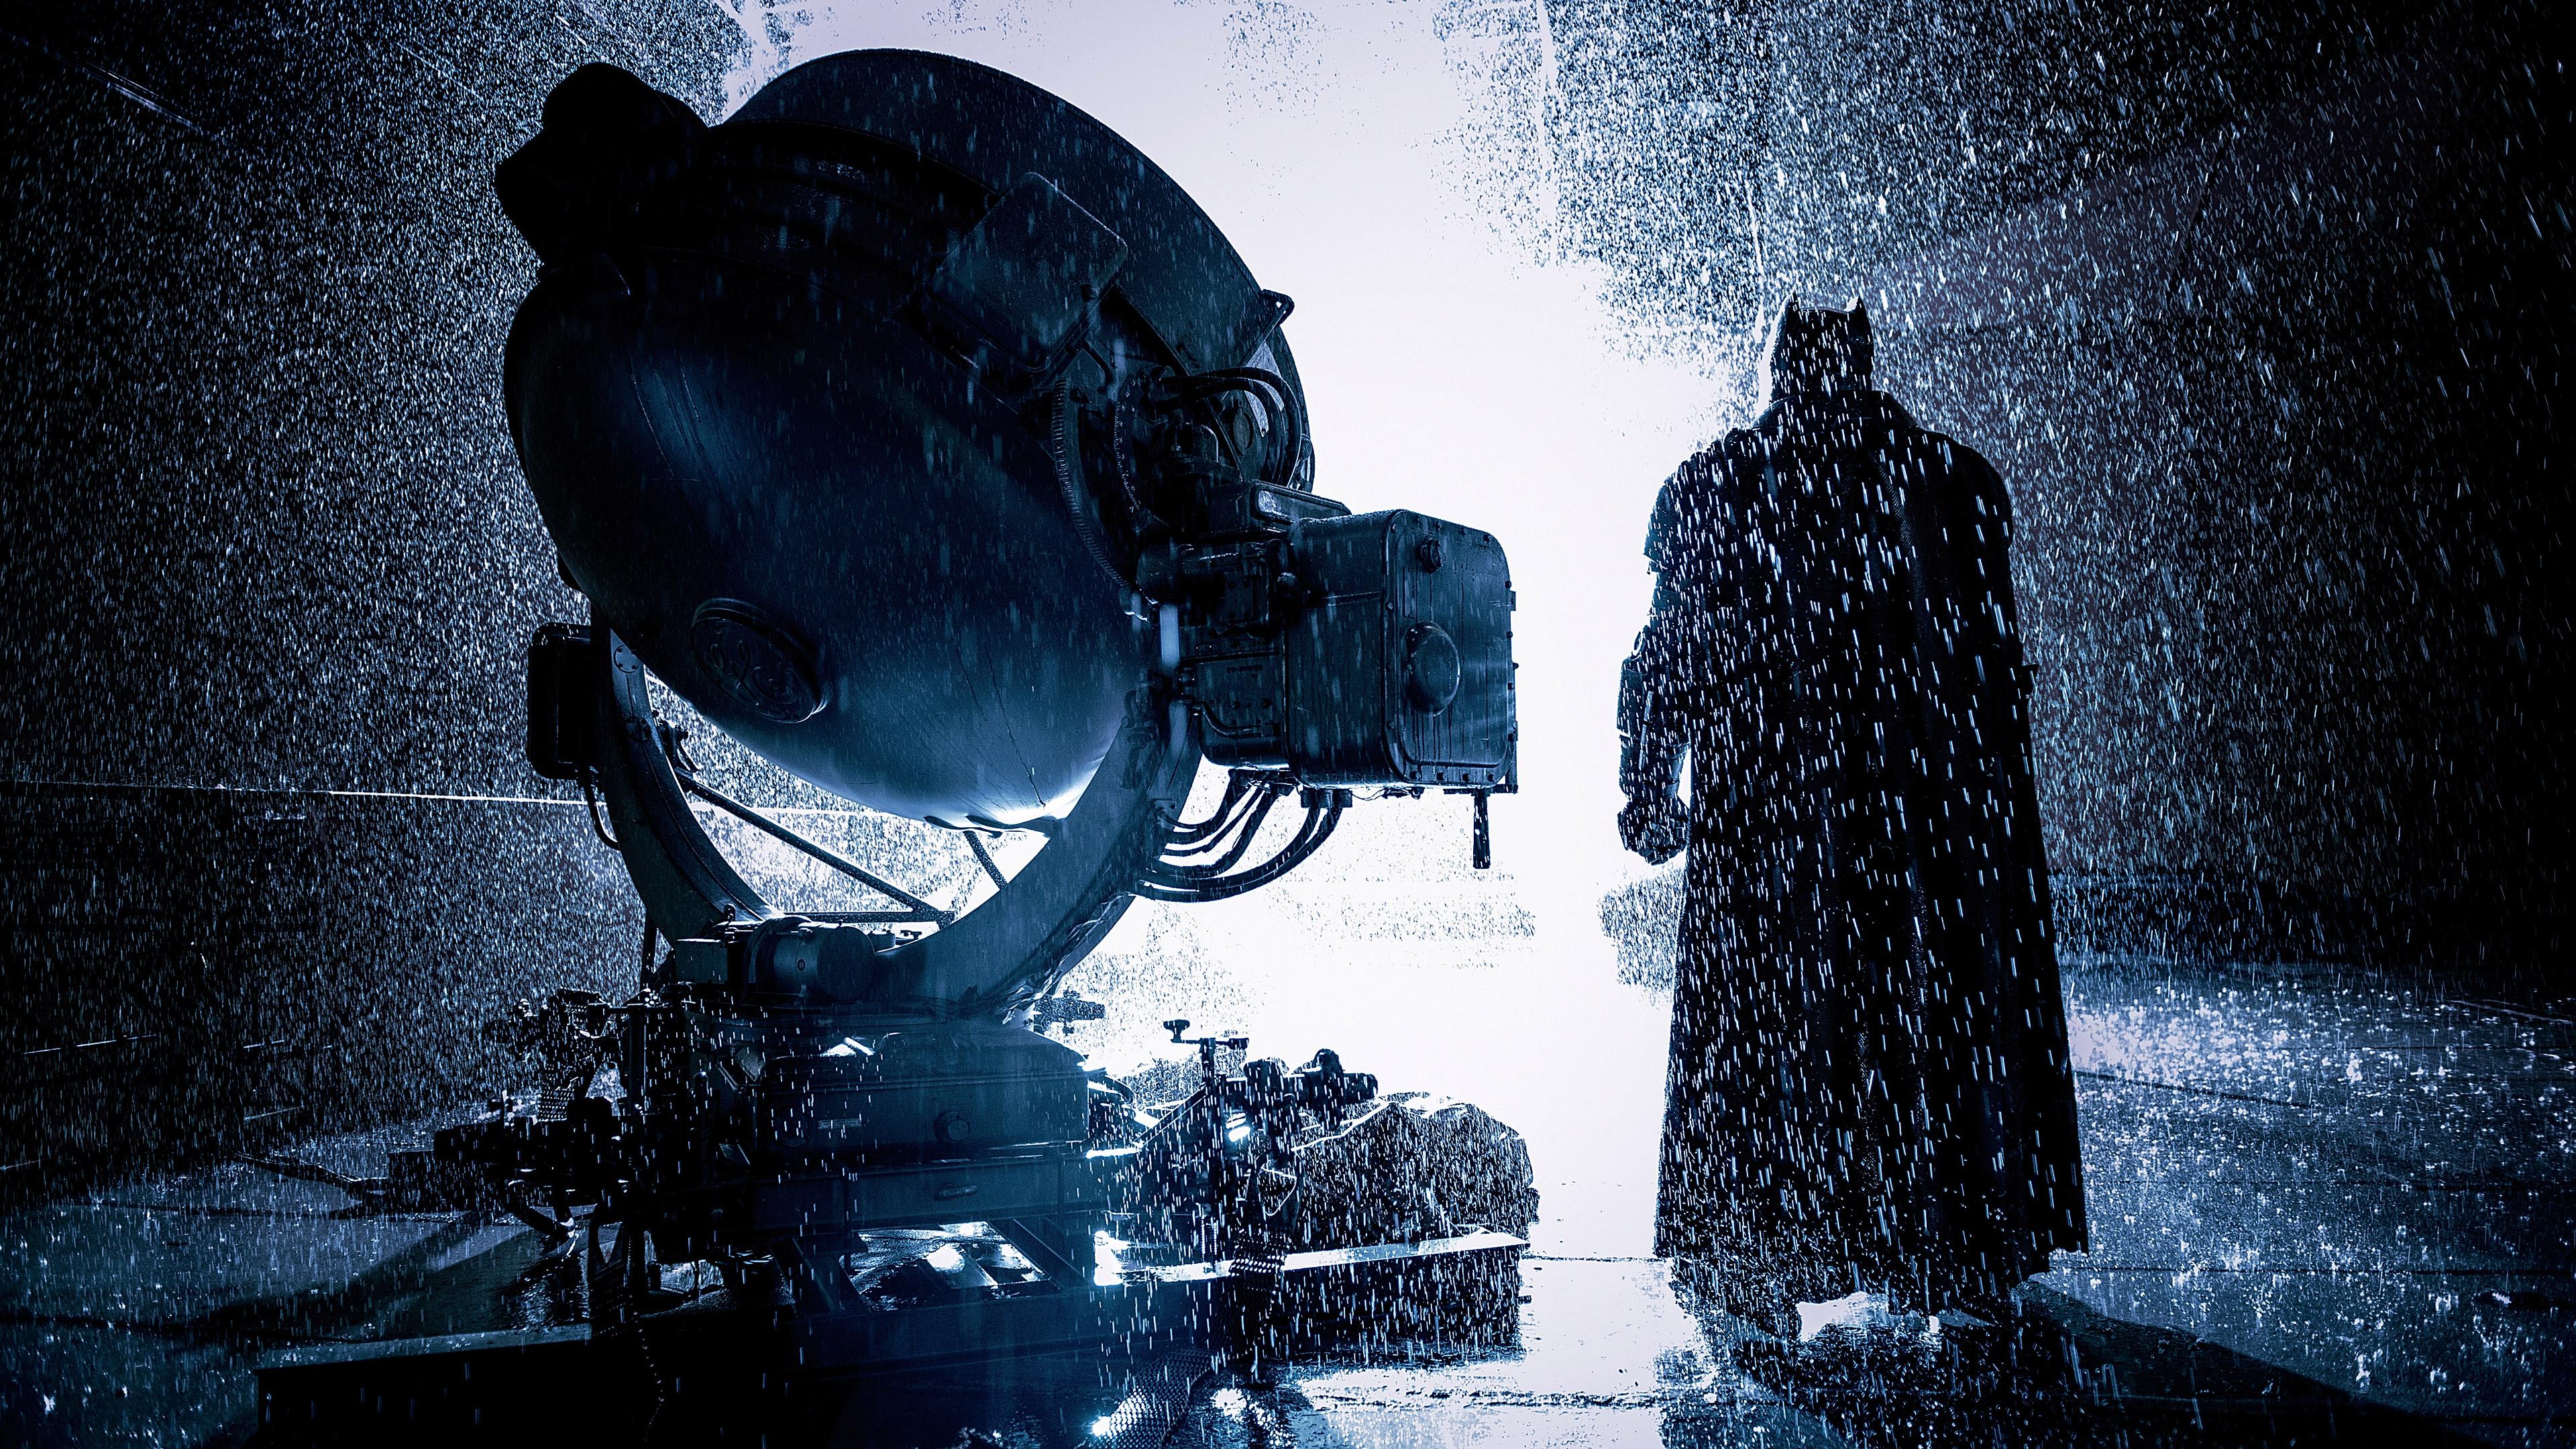 batman vs superman ultimate edition 1536399109 - Batman Vs Superman Ultimate Edition - super heroes wallpapers, movies wallpapers, batman wallpapers, batman vs superman wallpapers, 4k-wallpapers, 2016 movies wallpapers